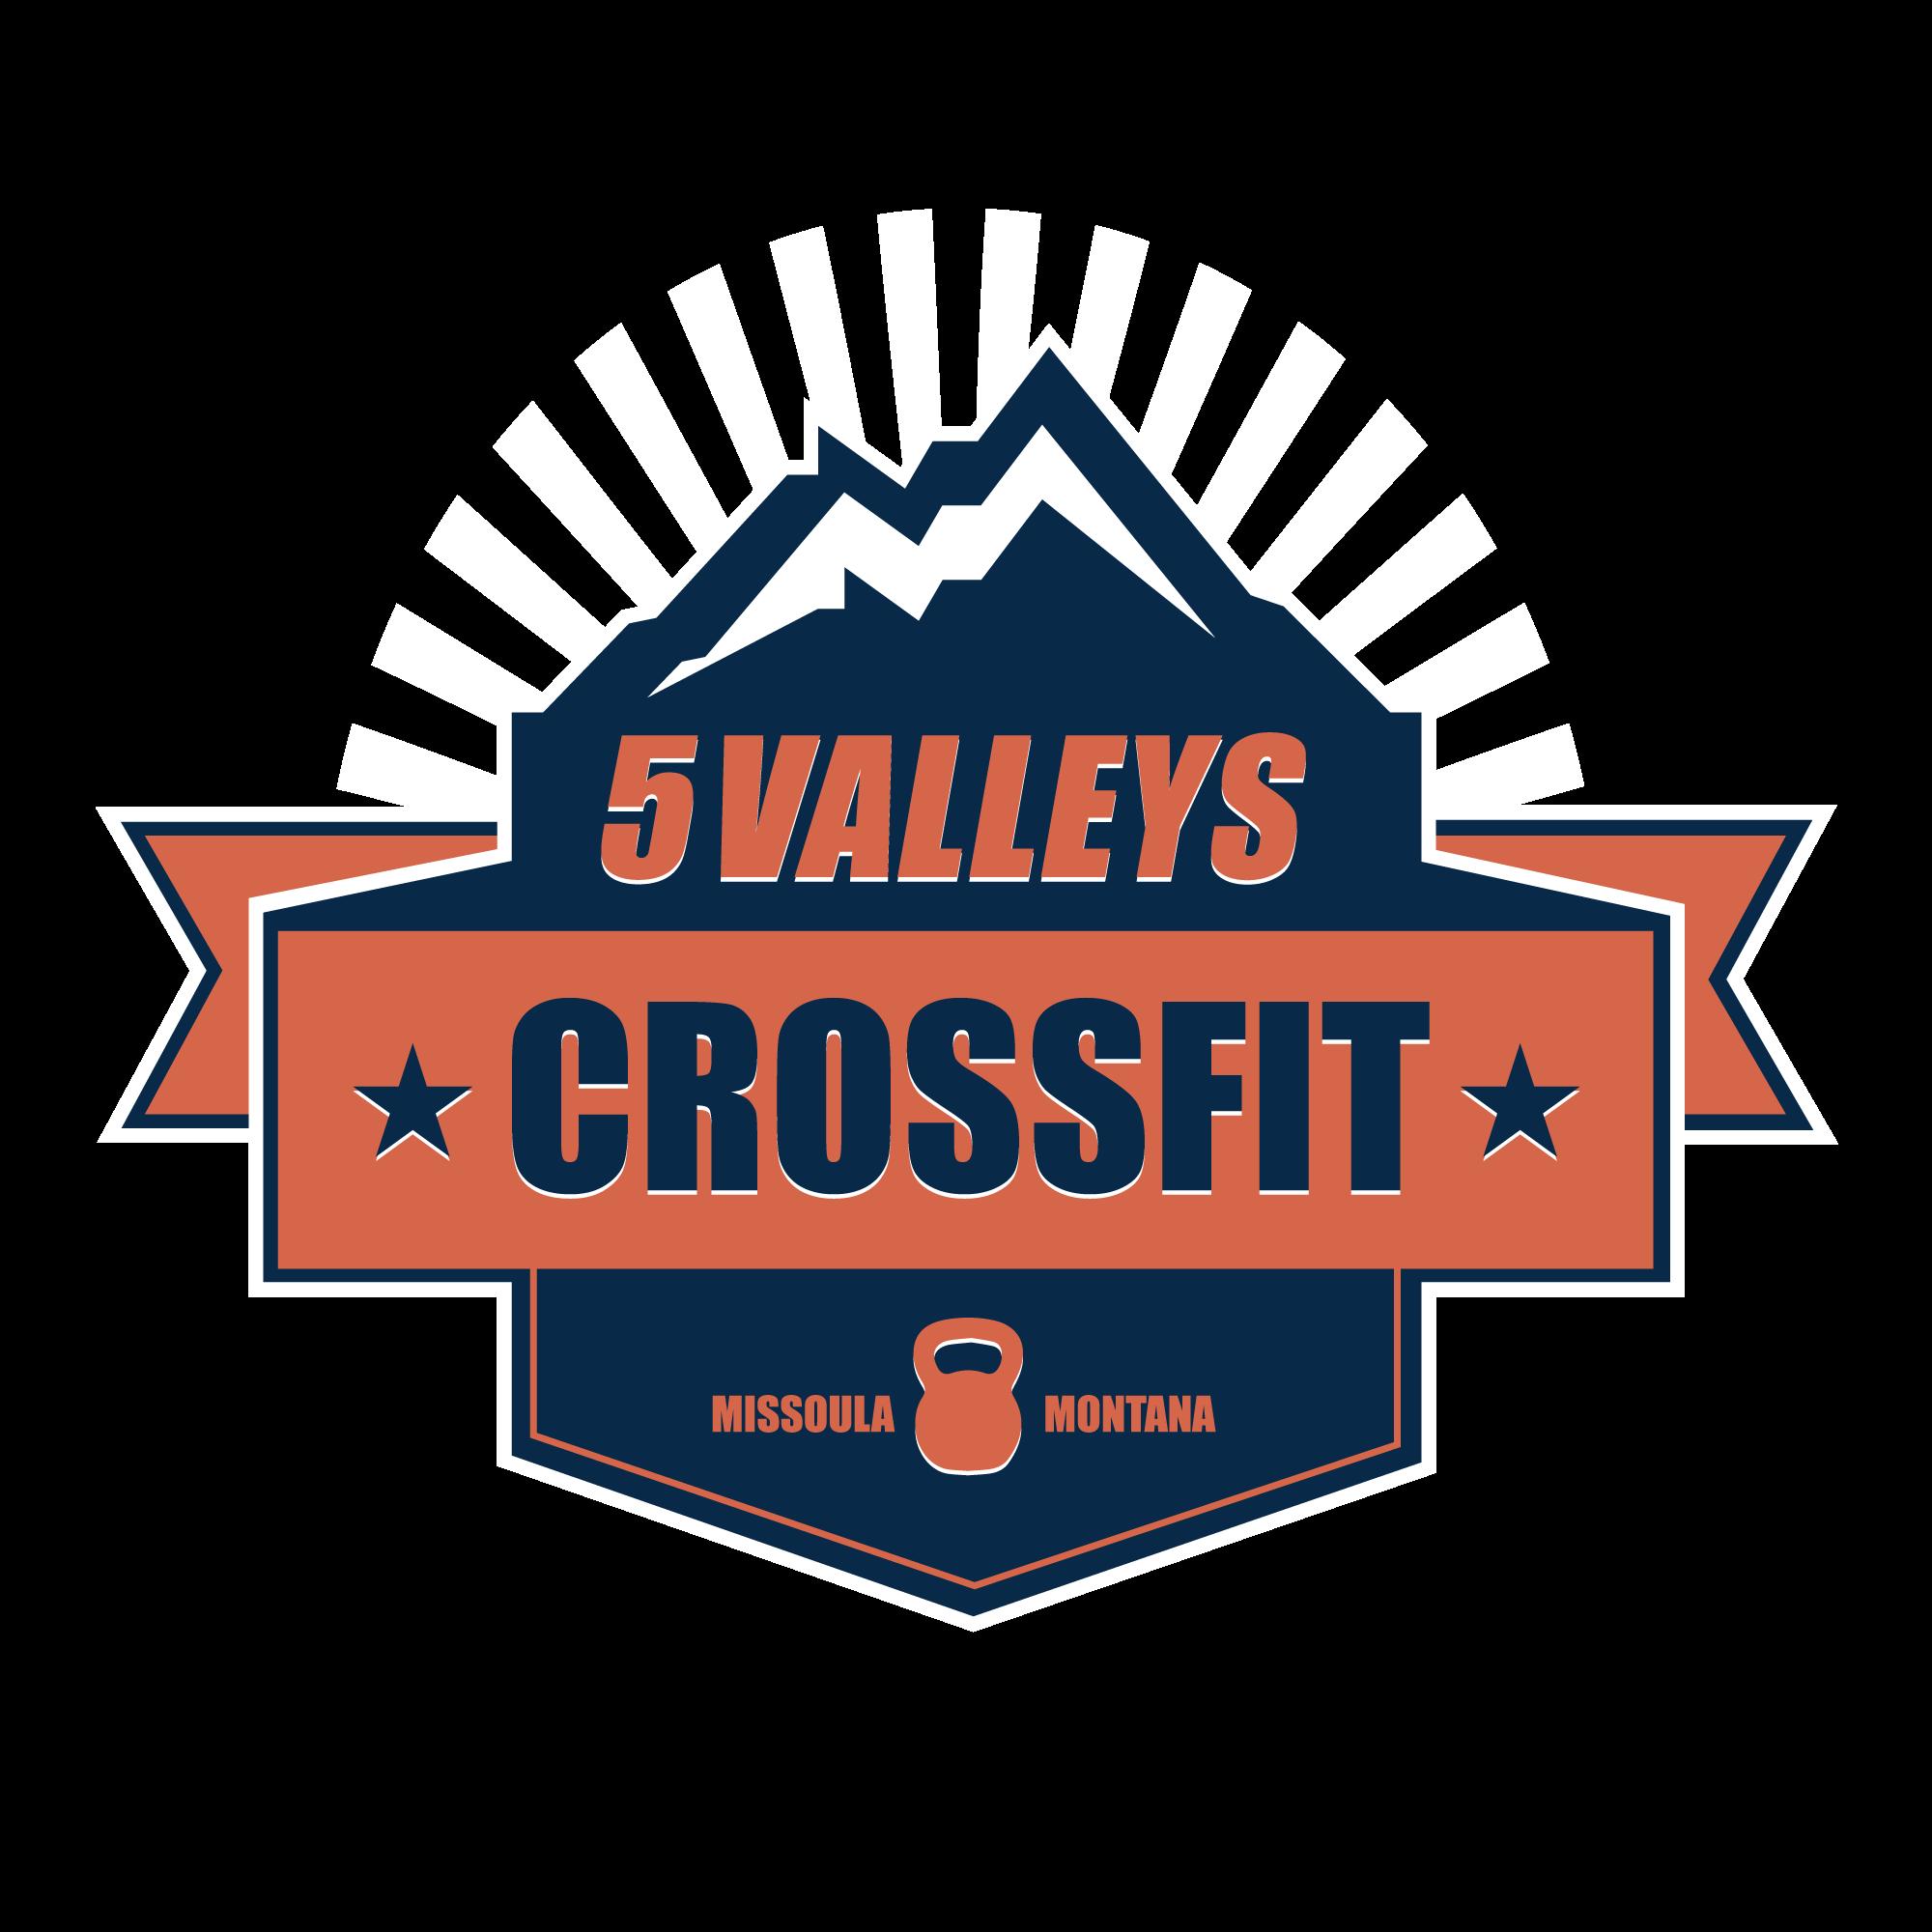 5 valleys crossfit